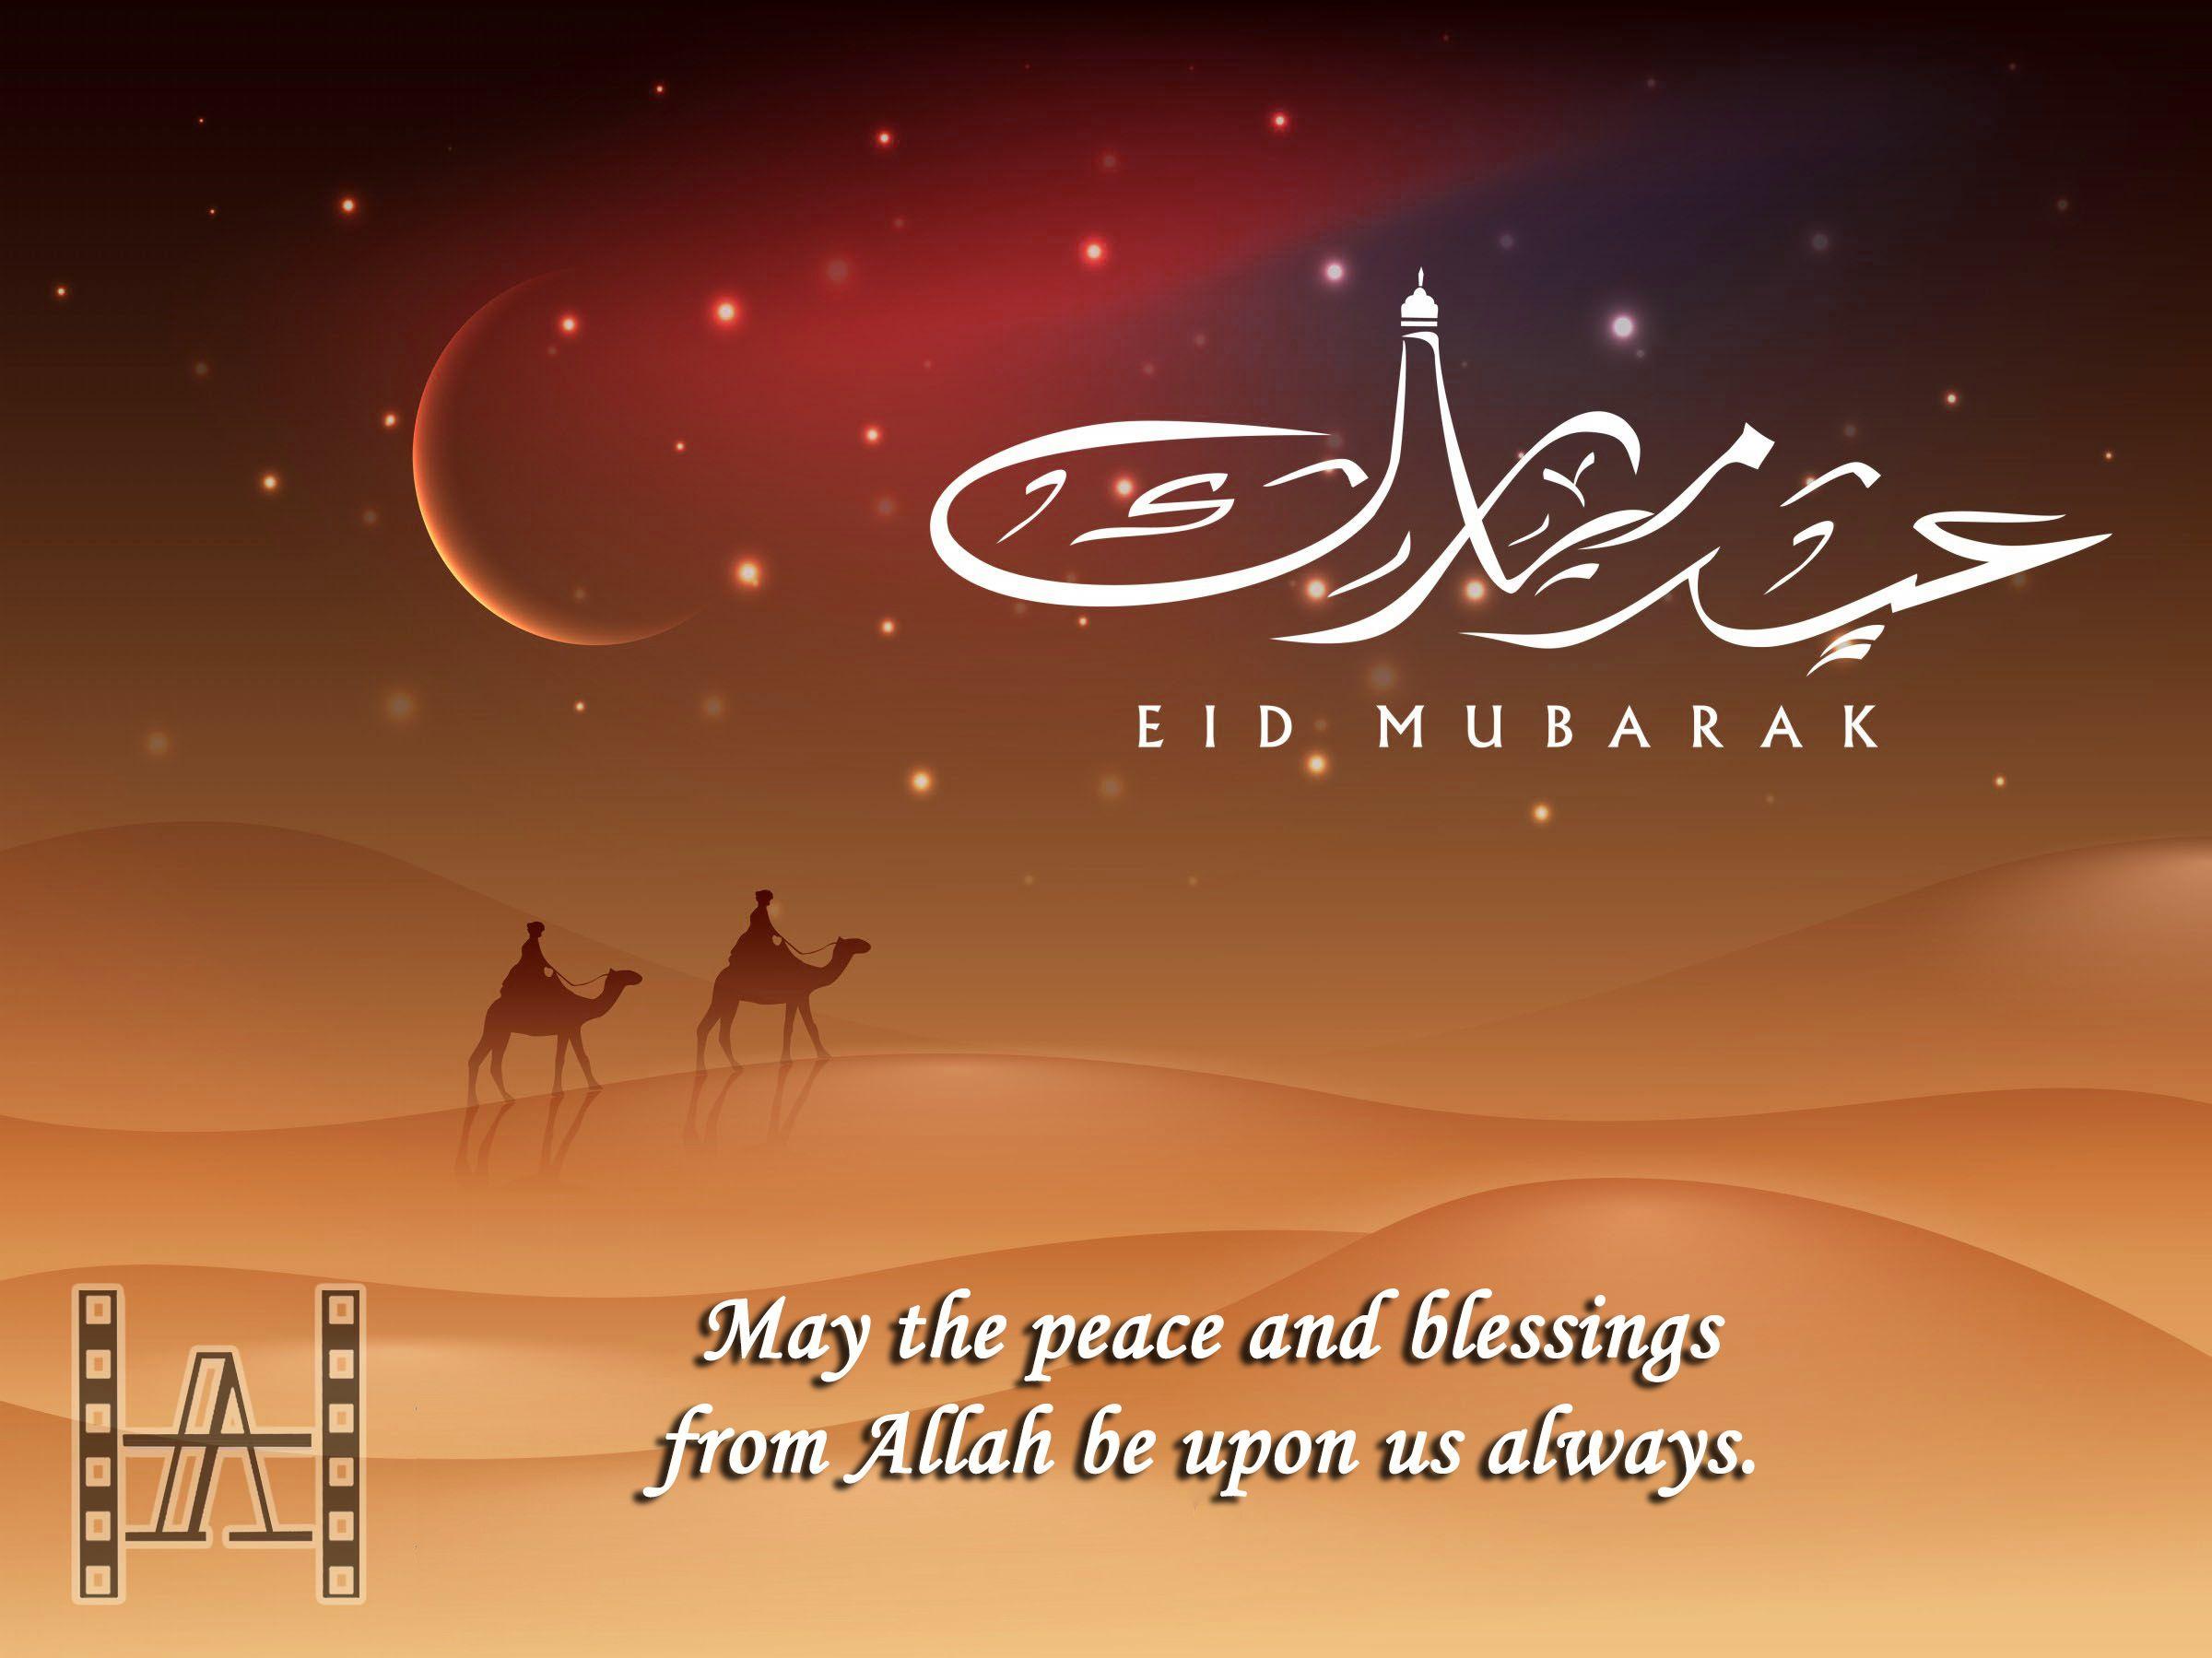 Eid Mubarak!!! Greetings to our beloved Muslim friends. In